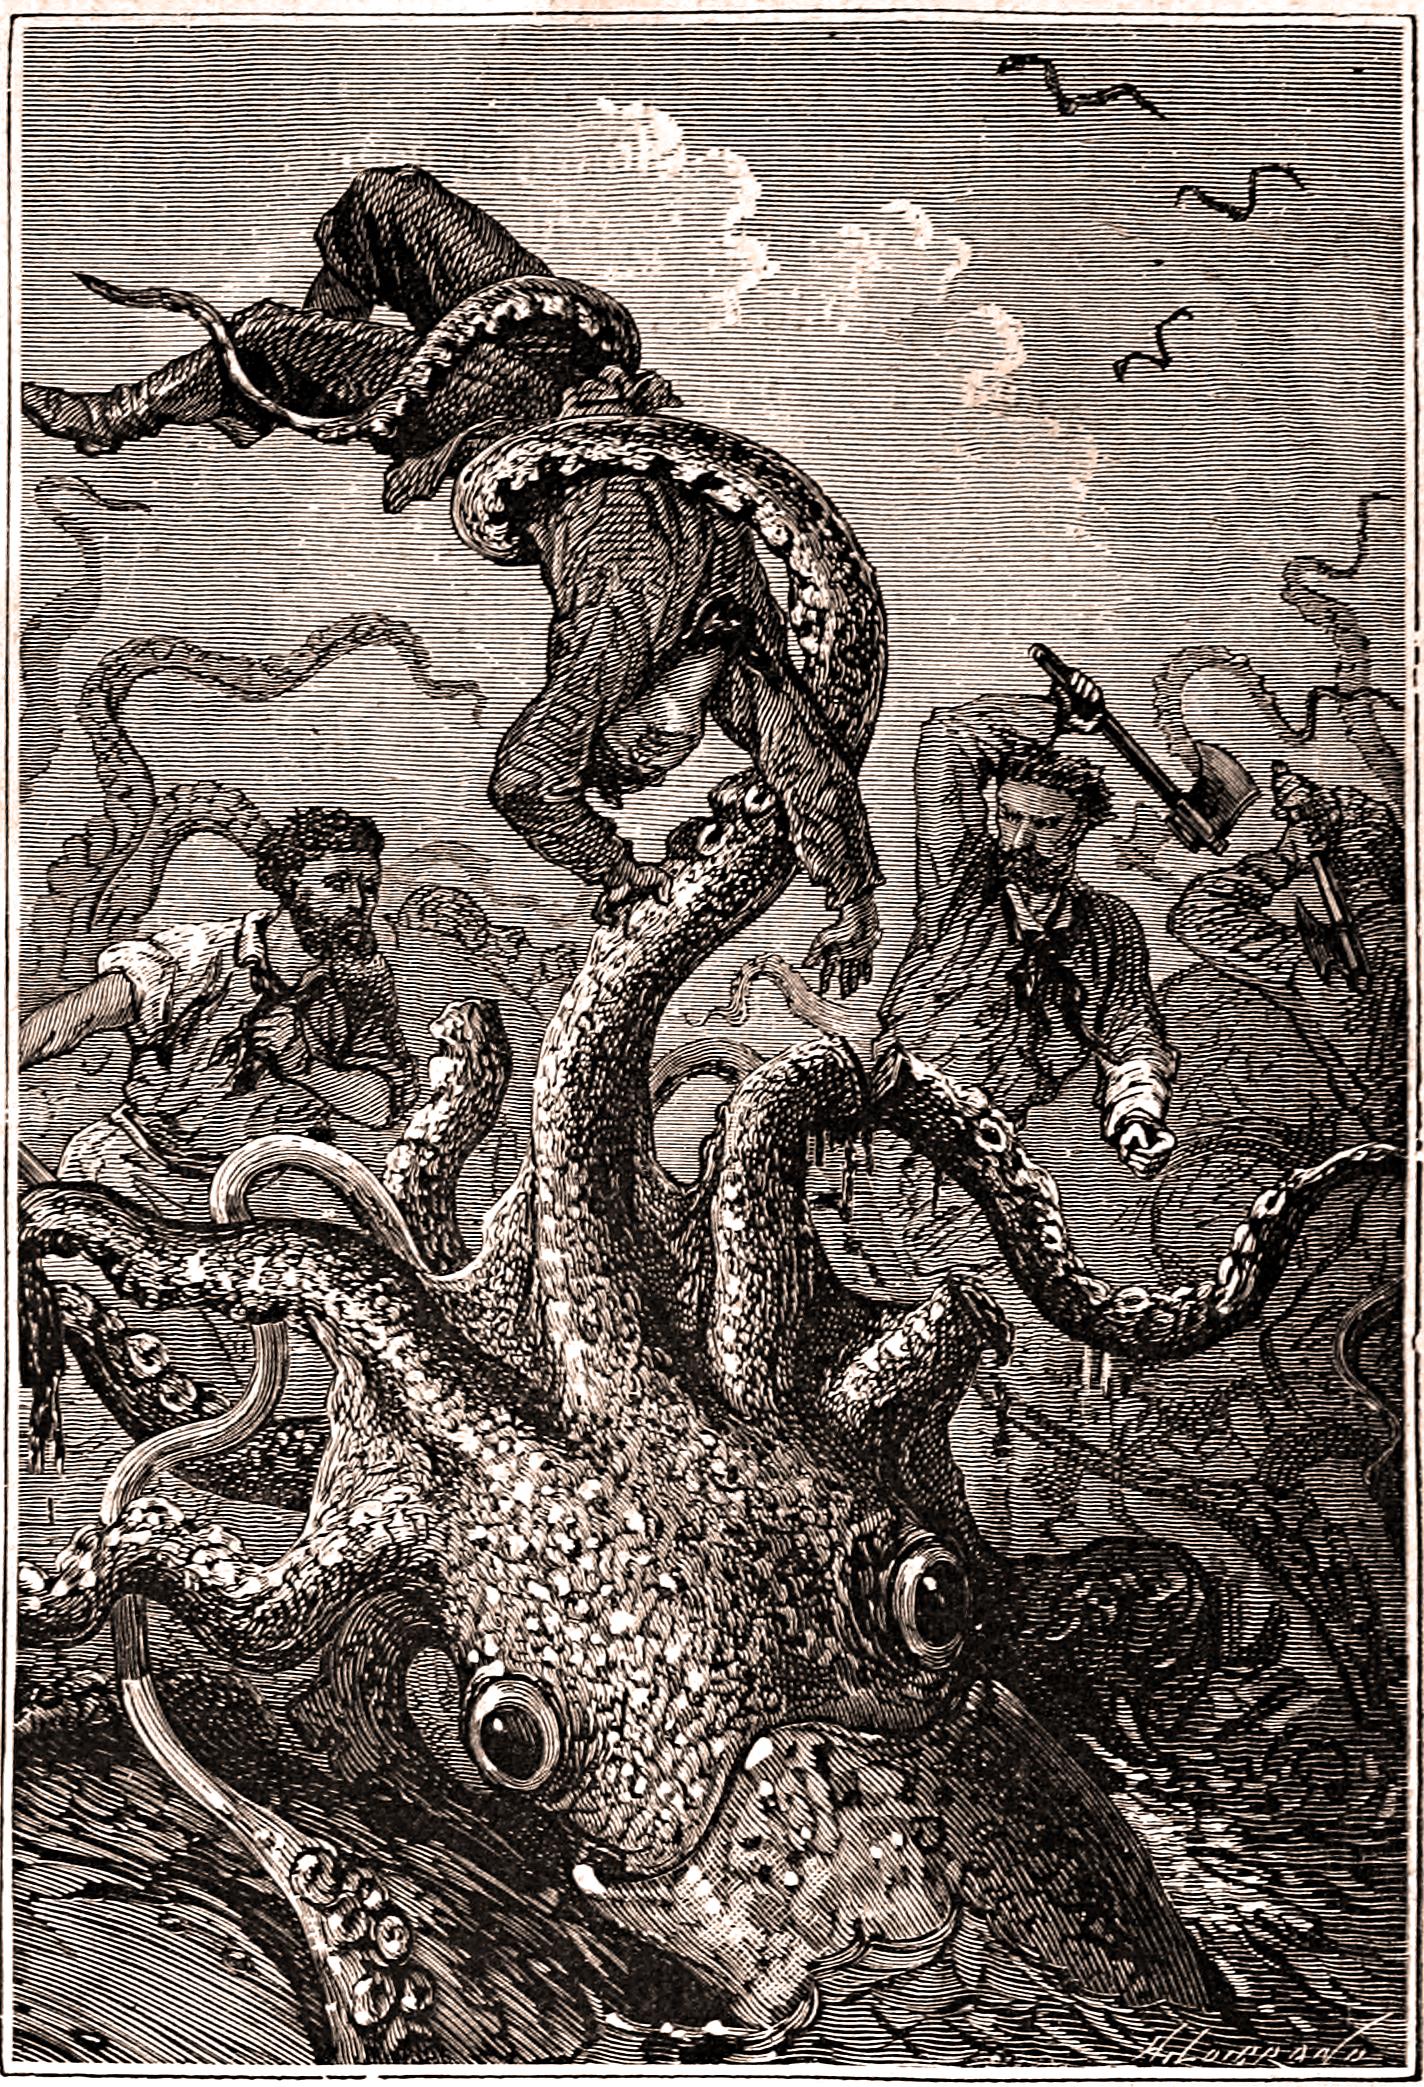 Kraken in popular culture - Wikipedia